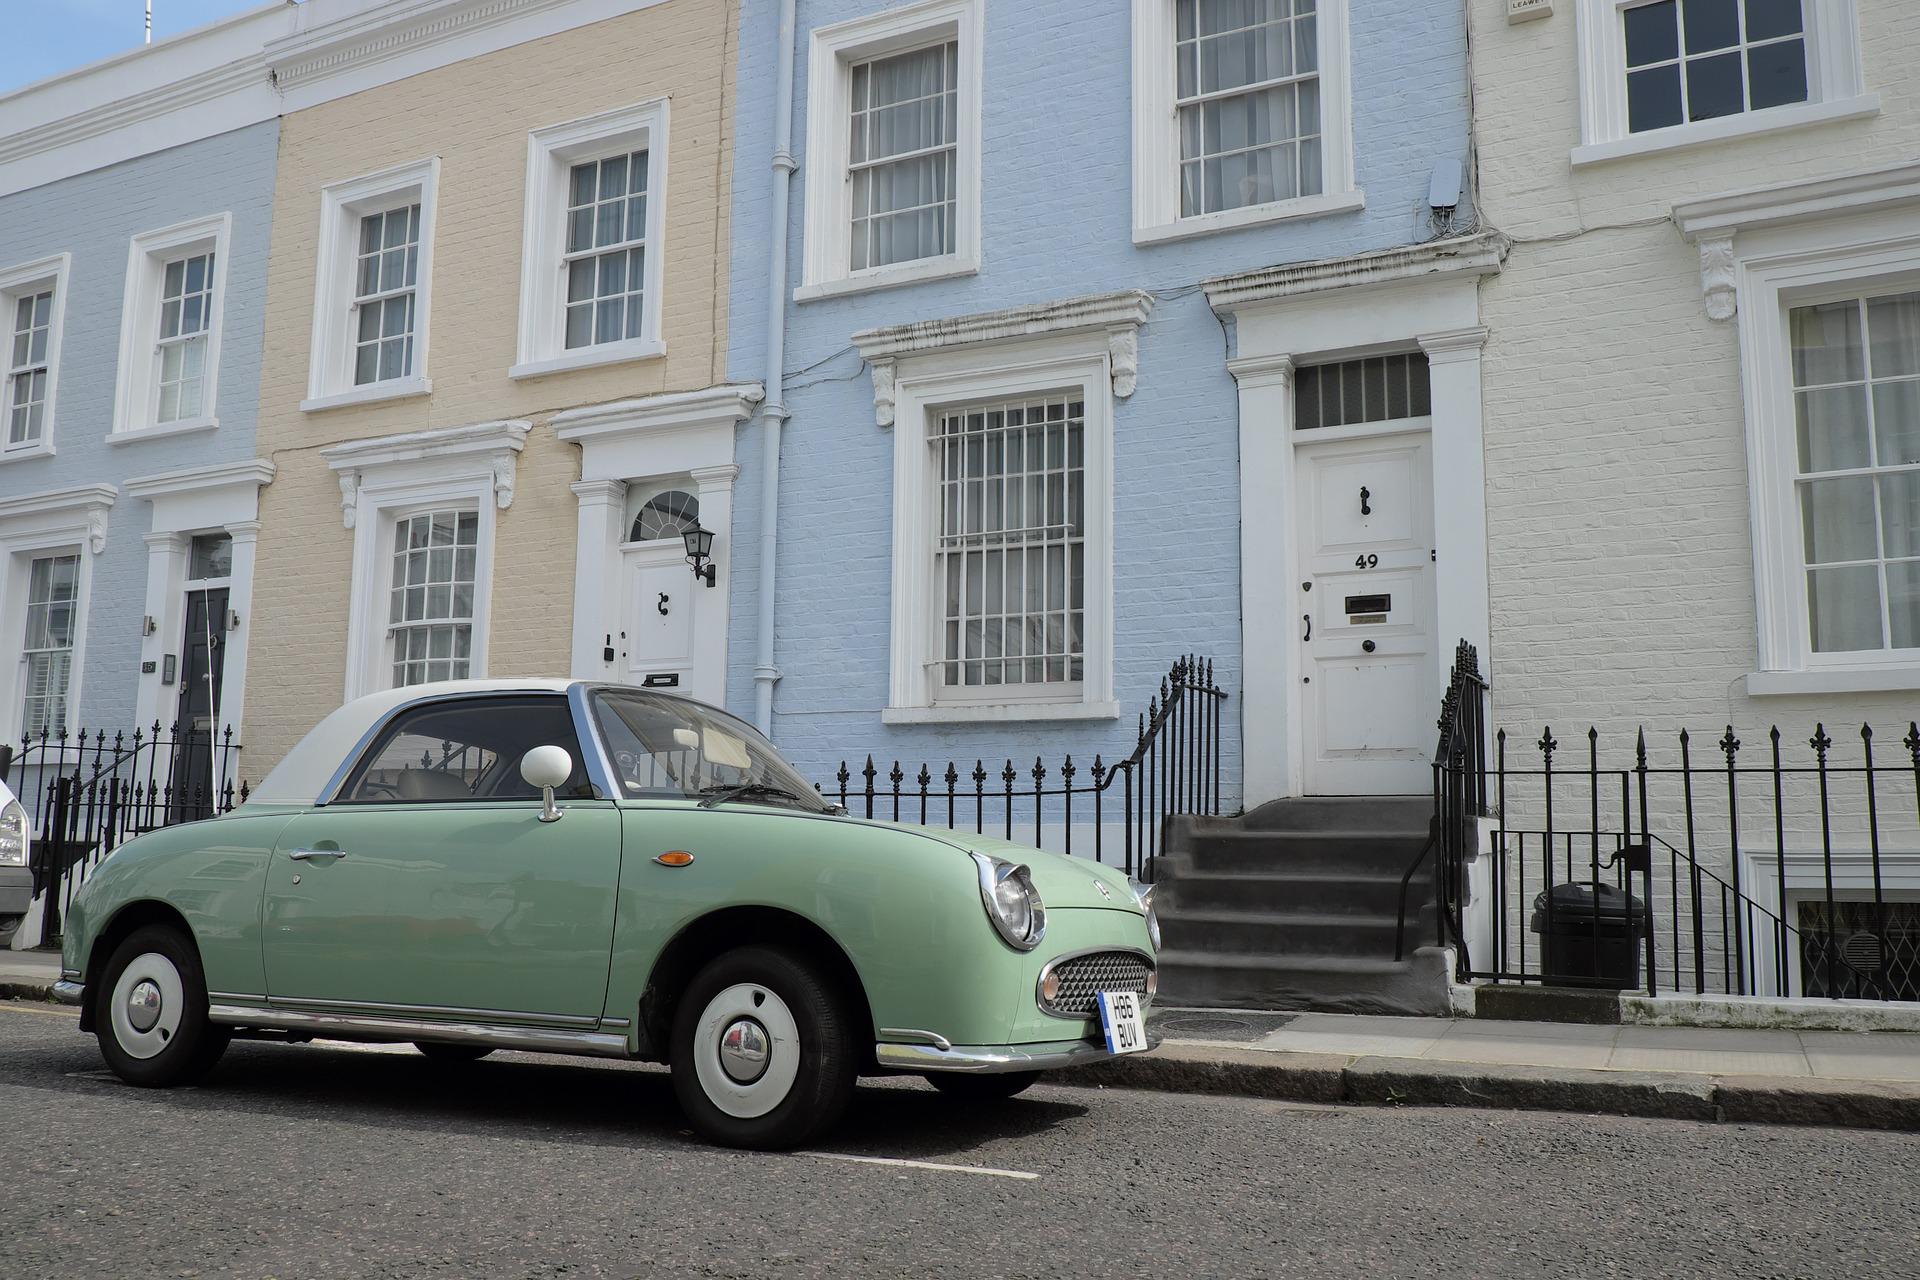 De Kleurrijke straten van Londen